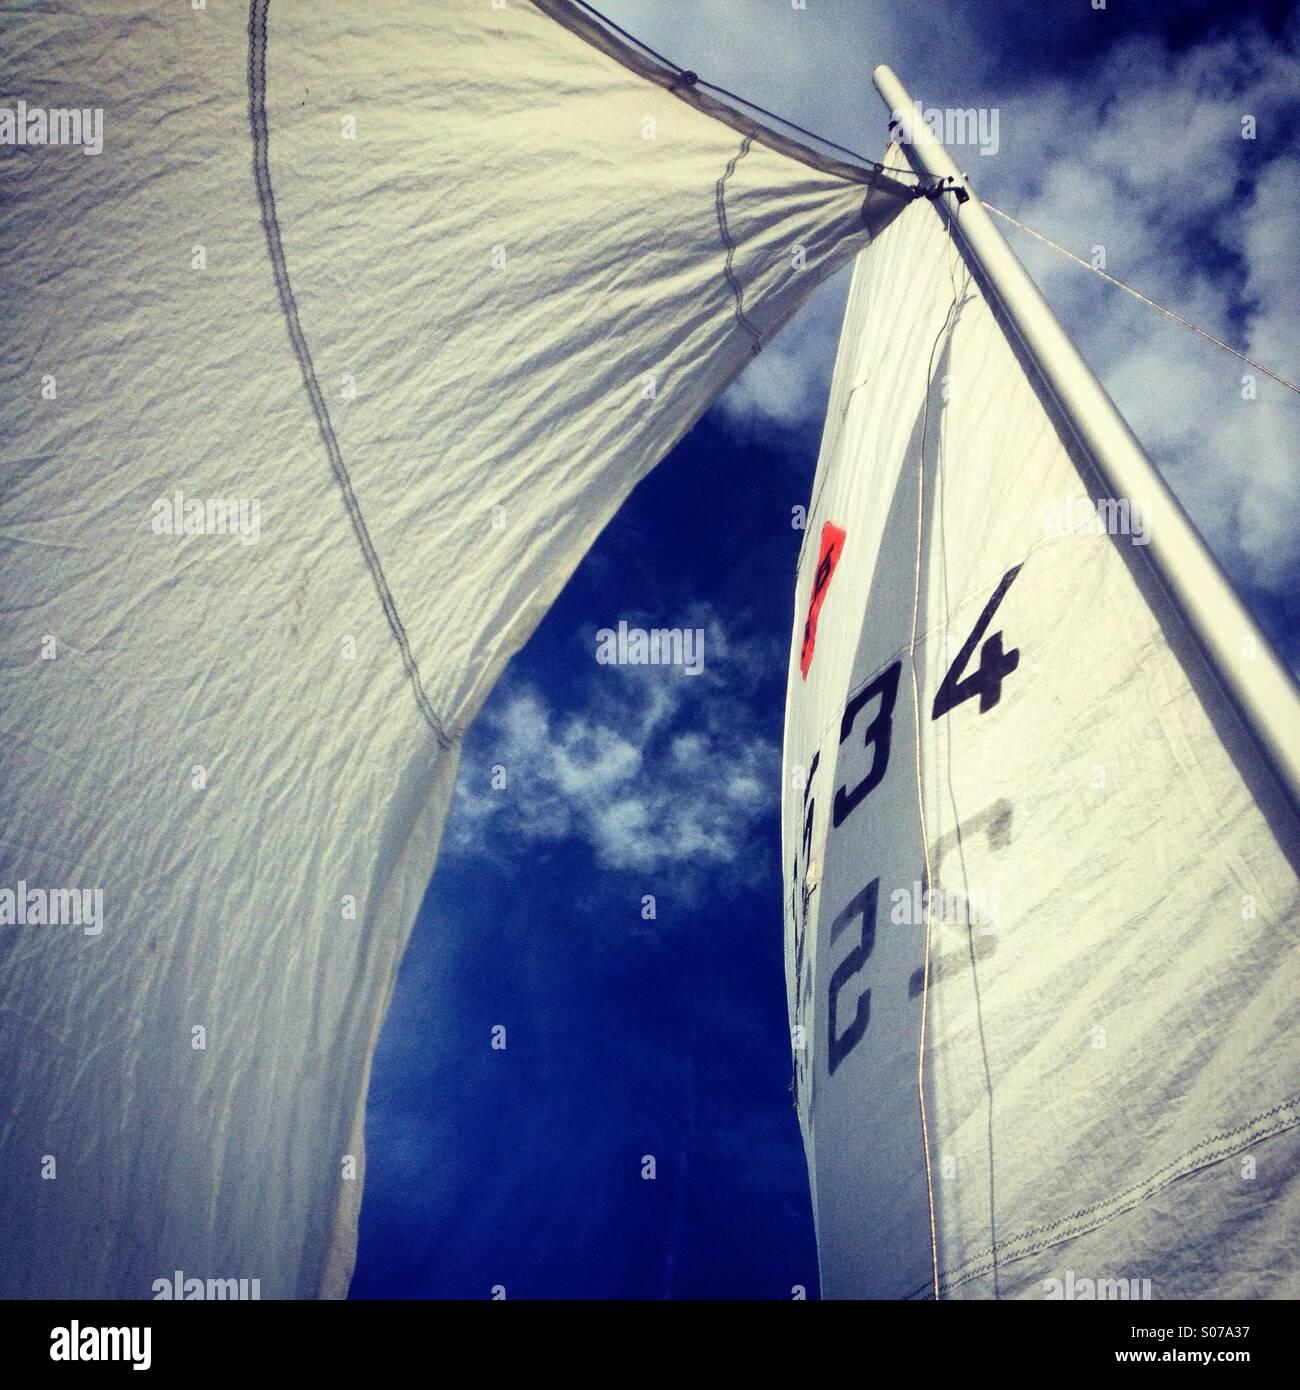 A vele spiegate di vento su un idilliaco giorno di sole... Immagini Stock